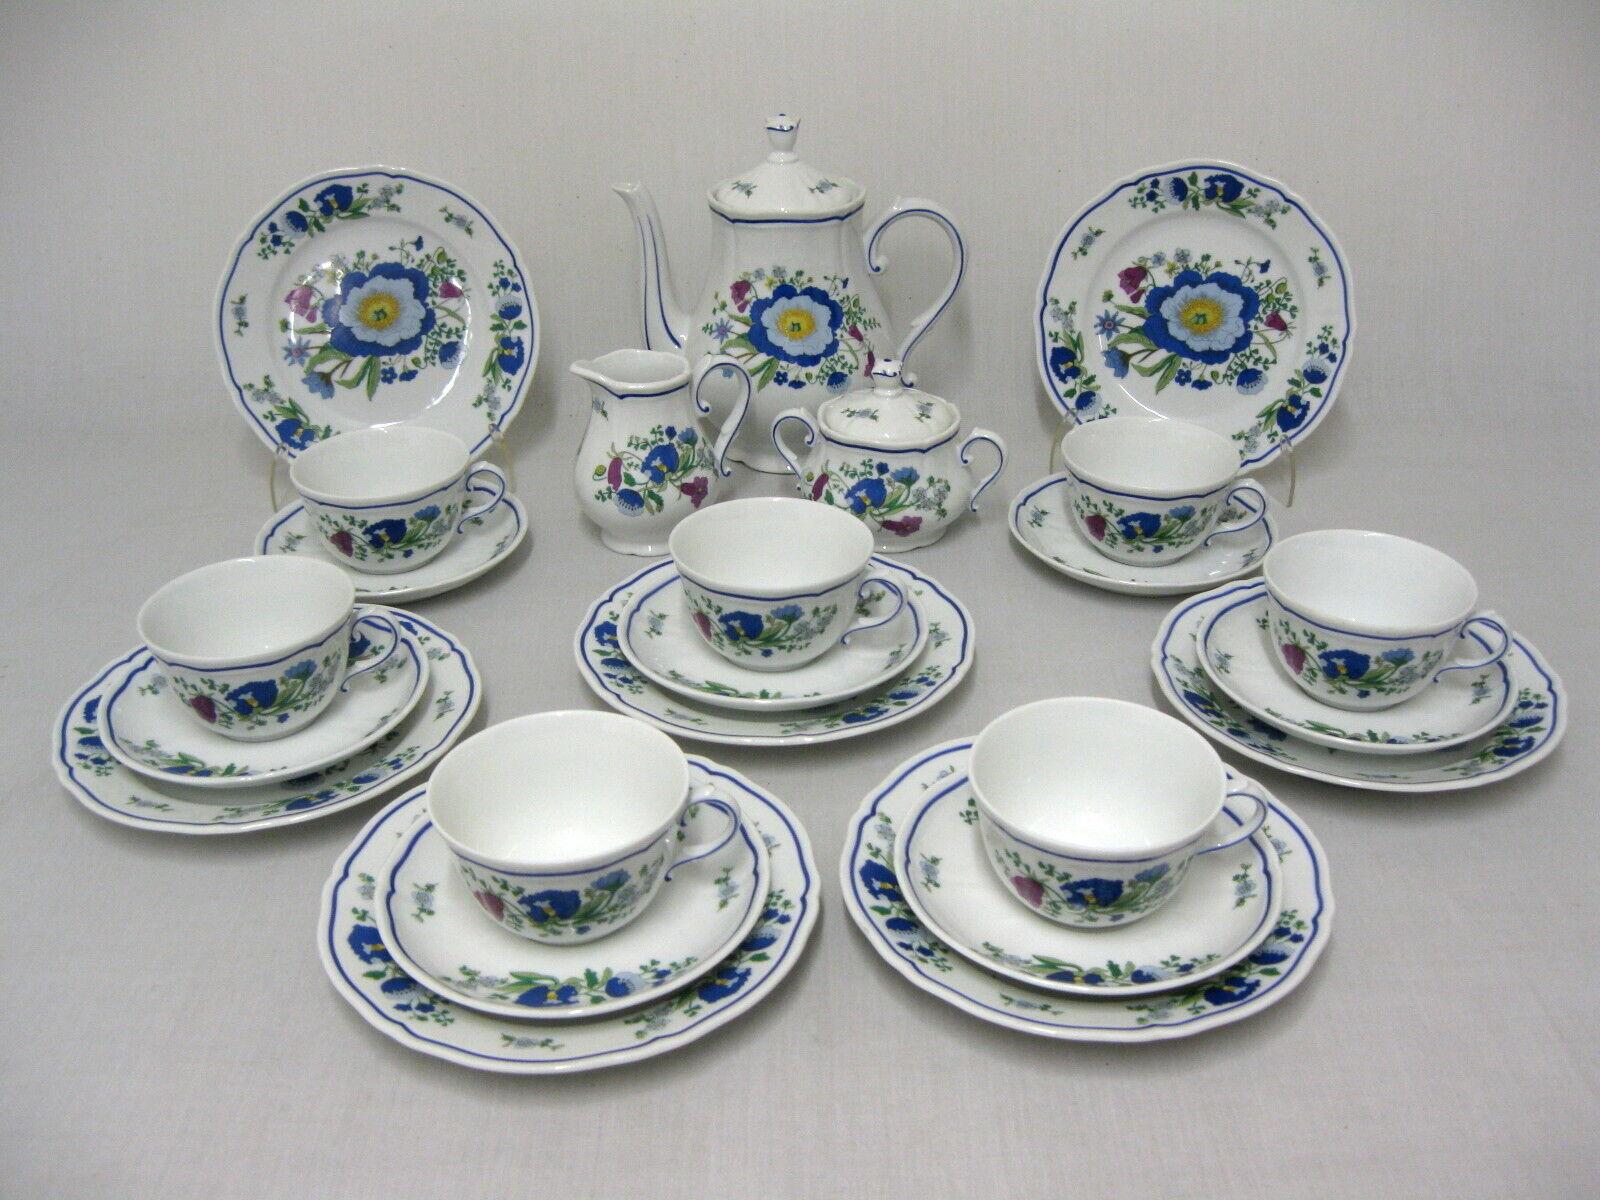 15103, etc. Richard Ginori-Service à café 7 personnes. 24 pces-Fleurs Décor